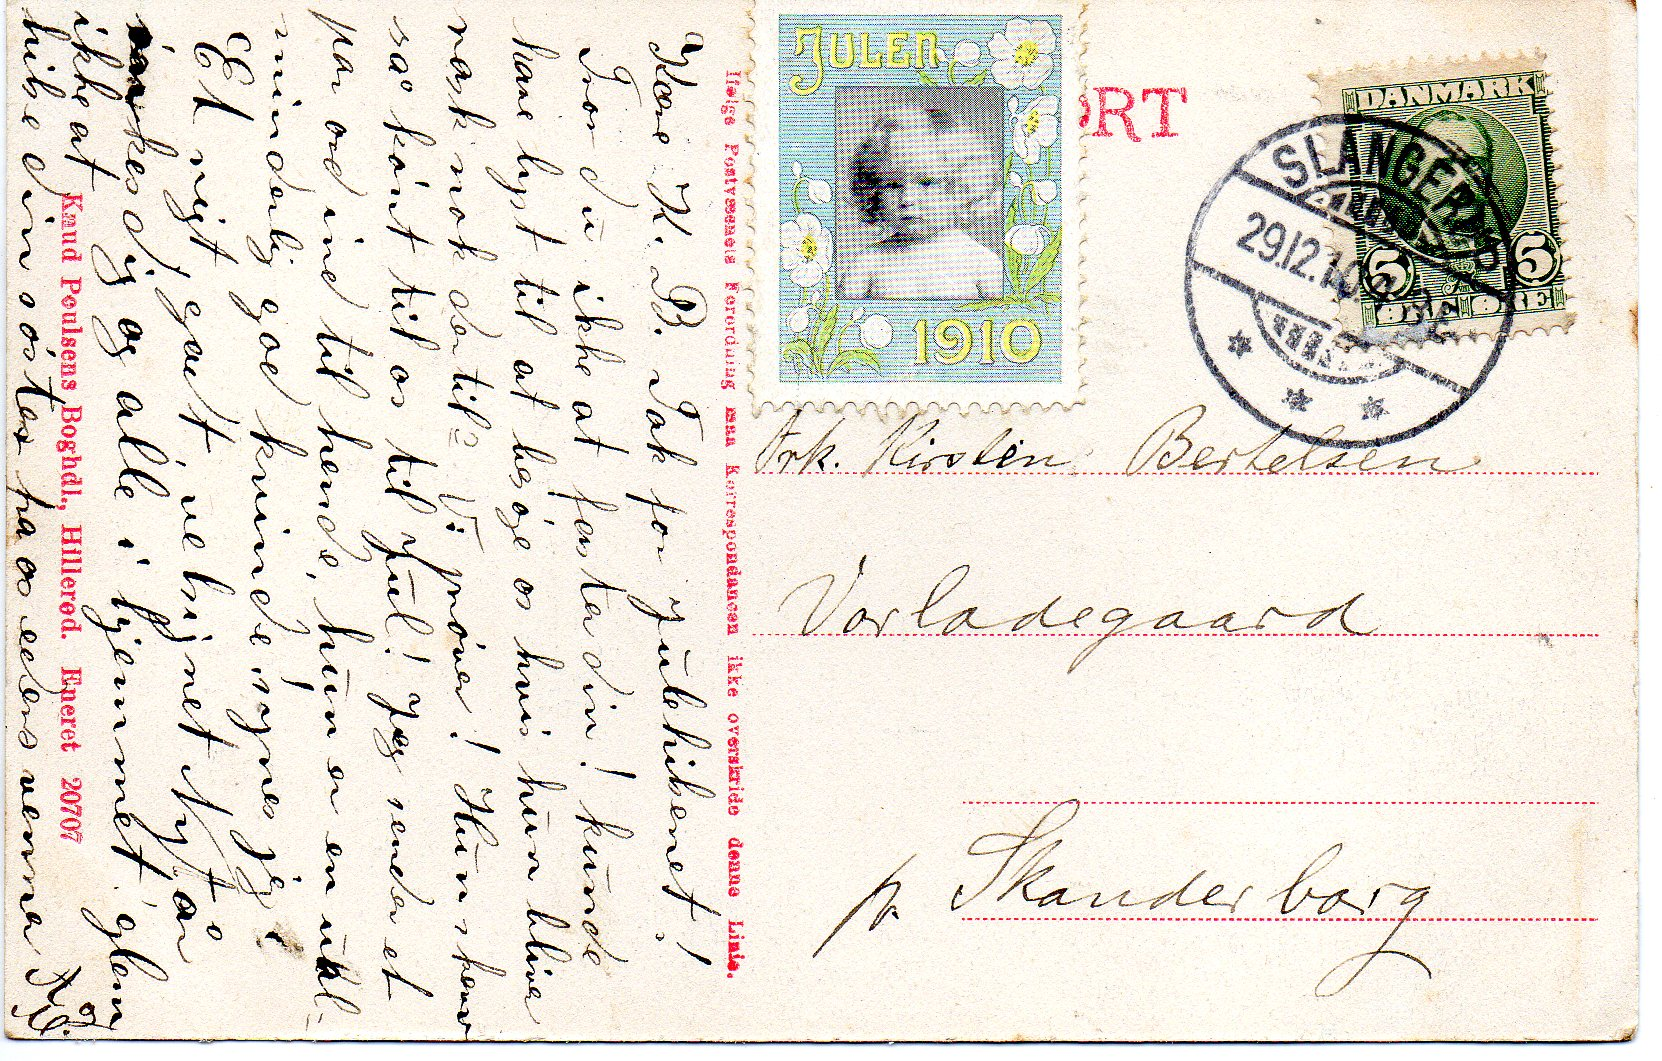 Jul 1910